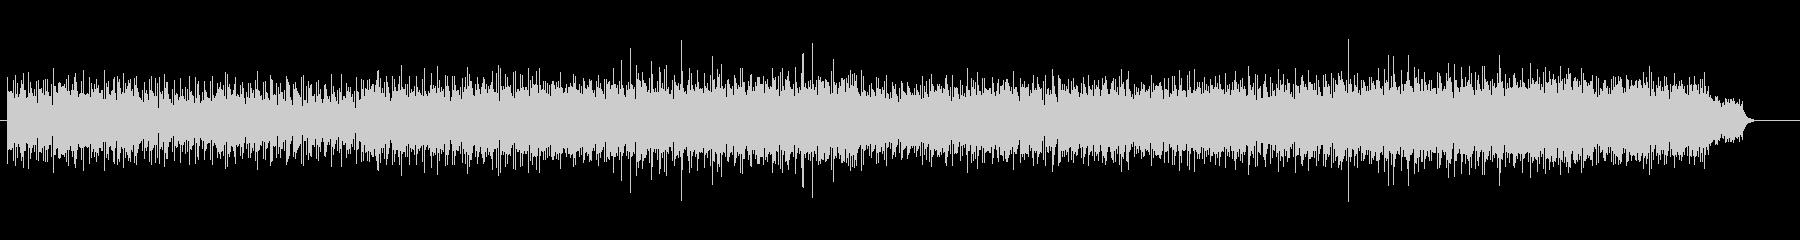 ゴージャスなボサノバの未再生の波形